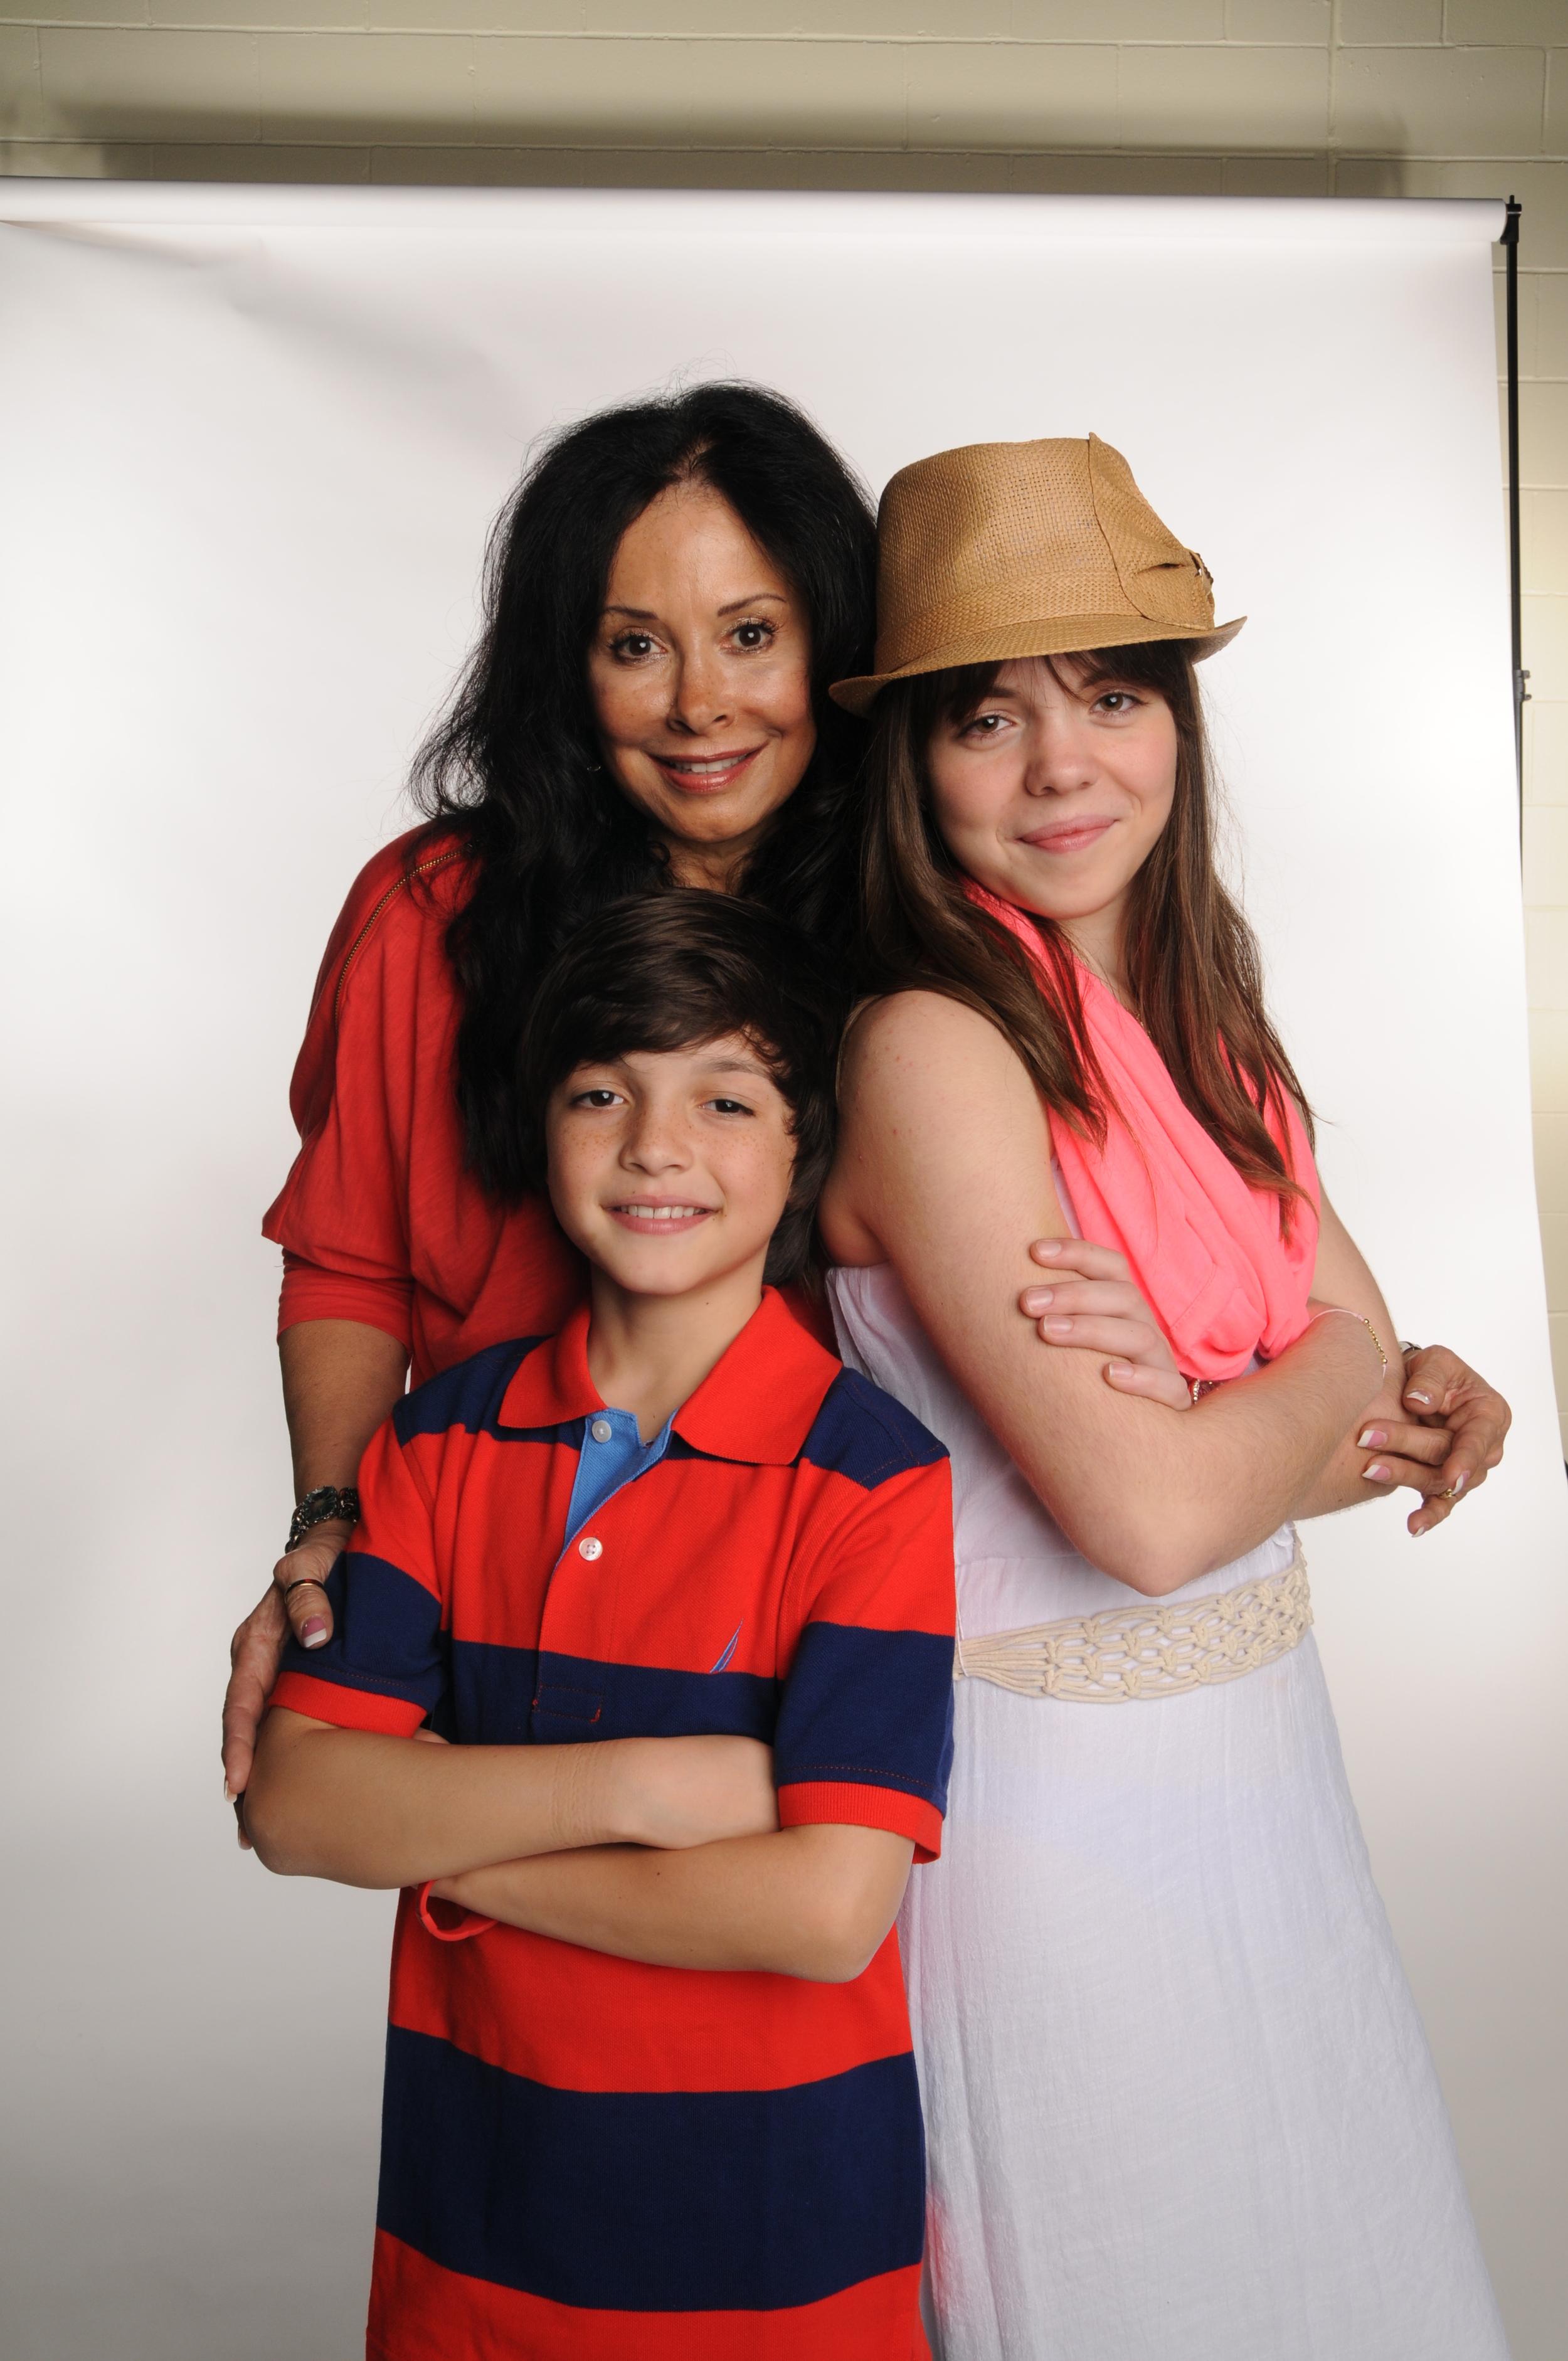 Geri, Jacie and Jaden